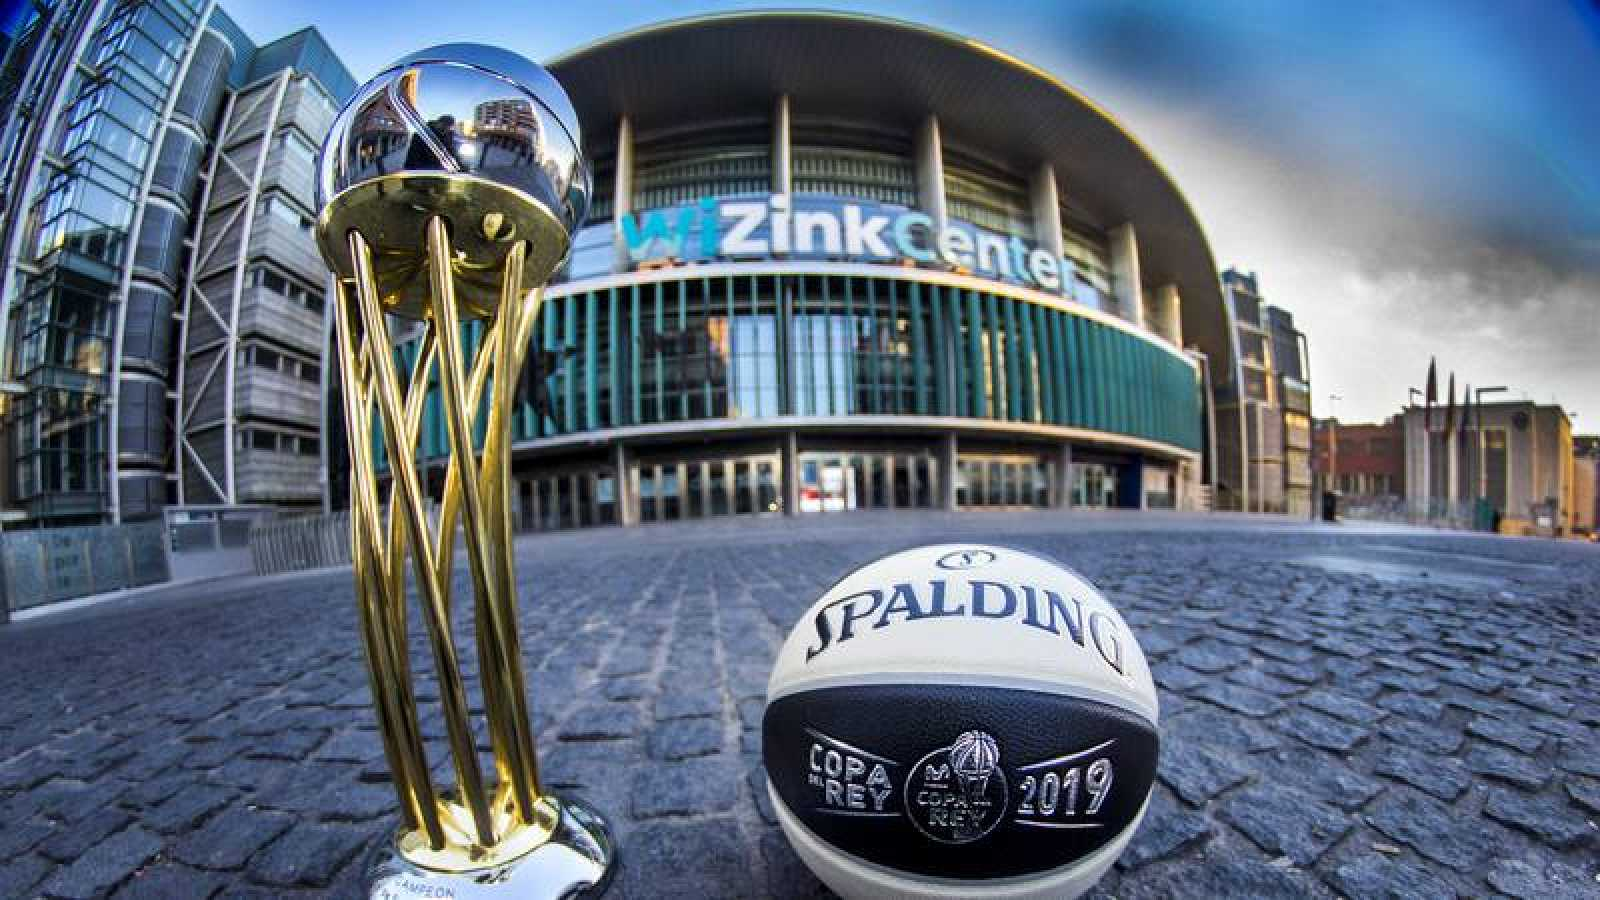 El trofeo de la Copa, en primer término, con el balón oficial y el Wizink Center de fondo.